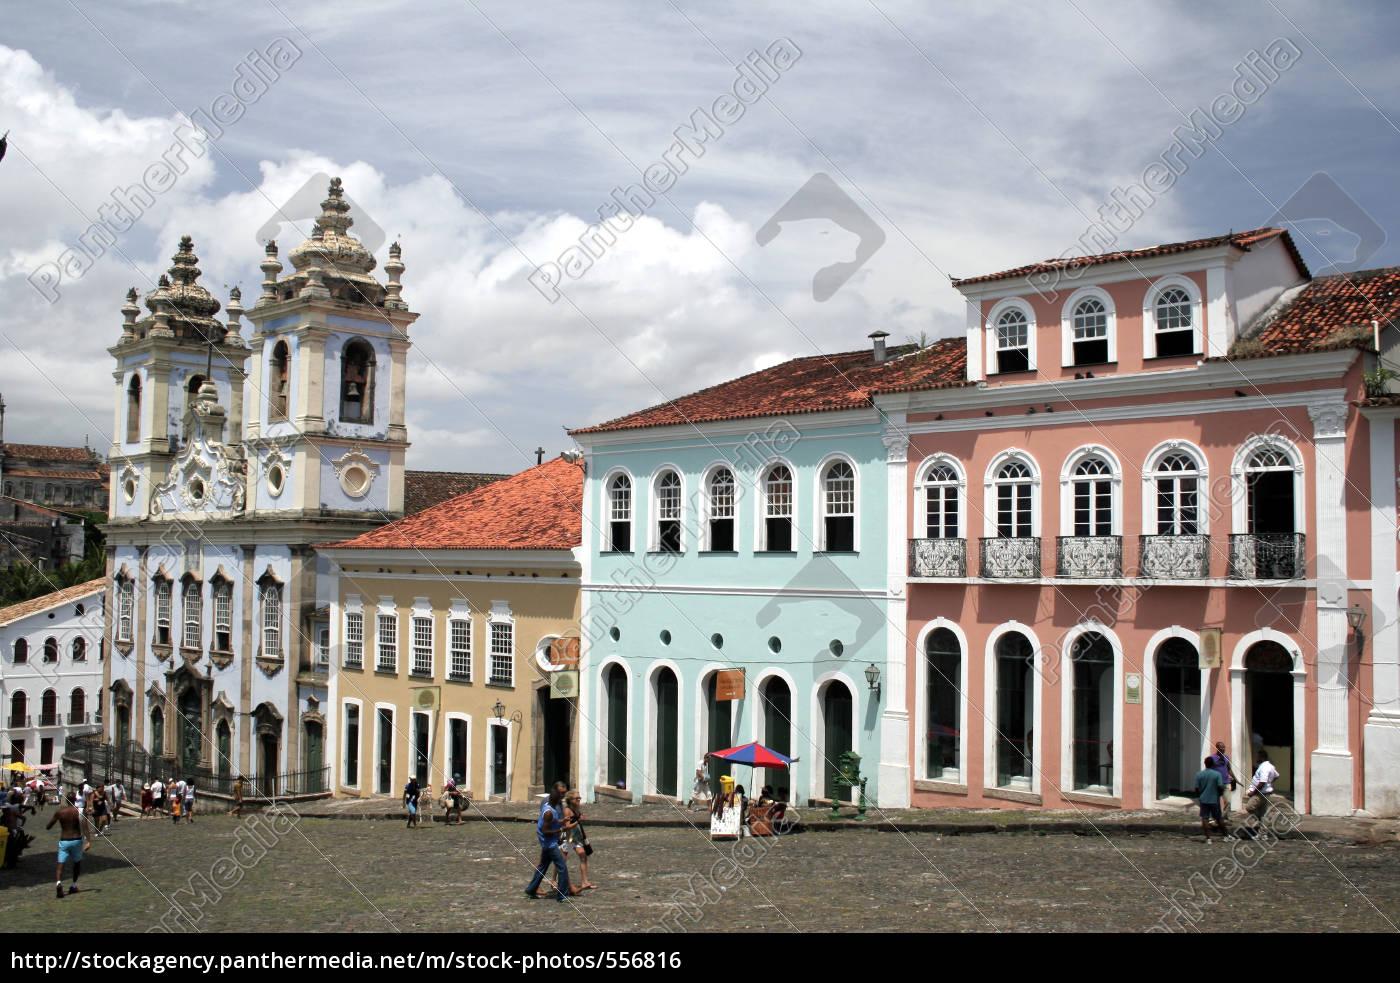 pelourinho, -salvador, -, bahia, -, brasil - 556816